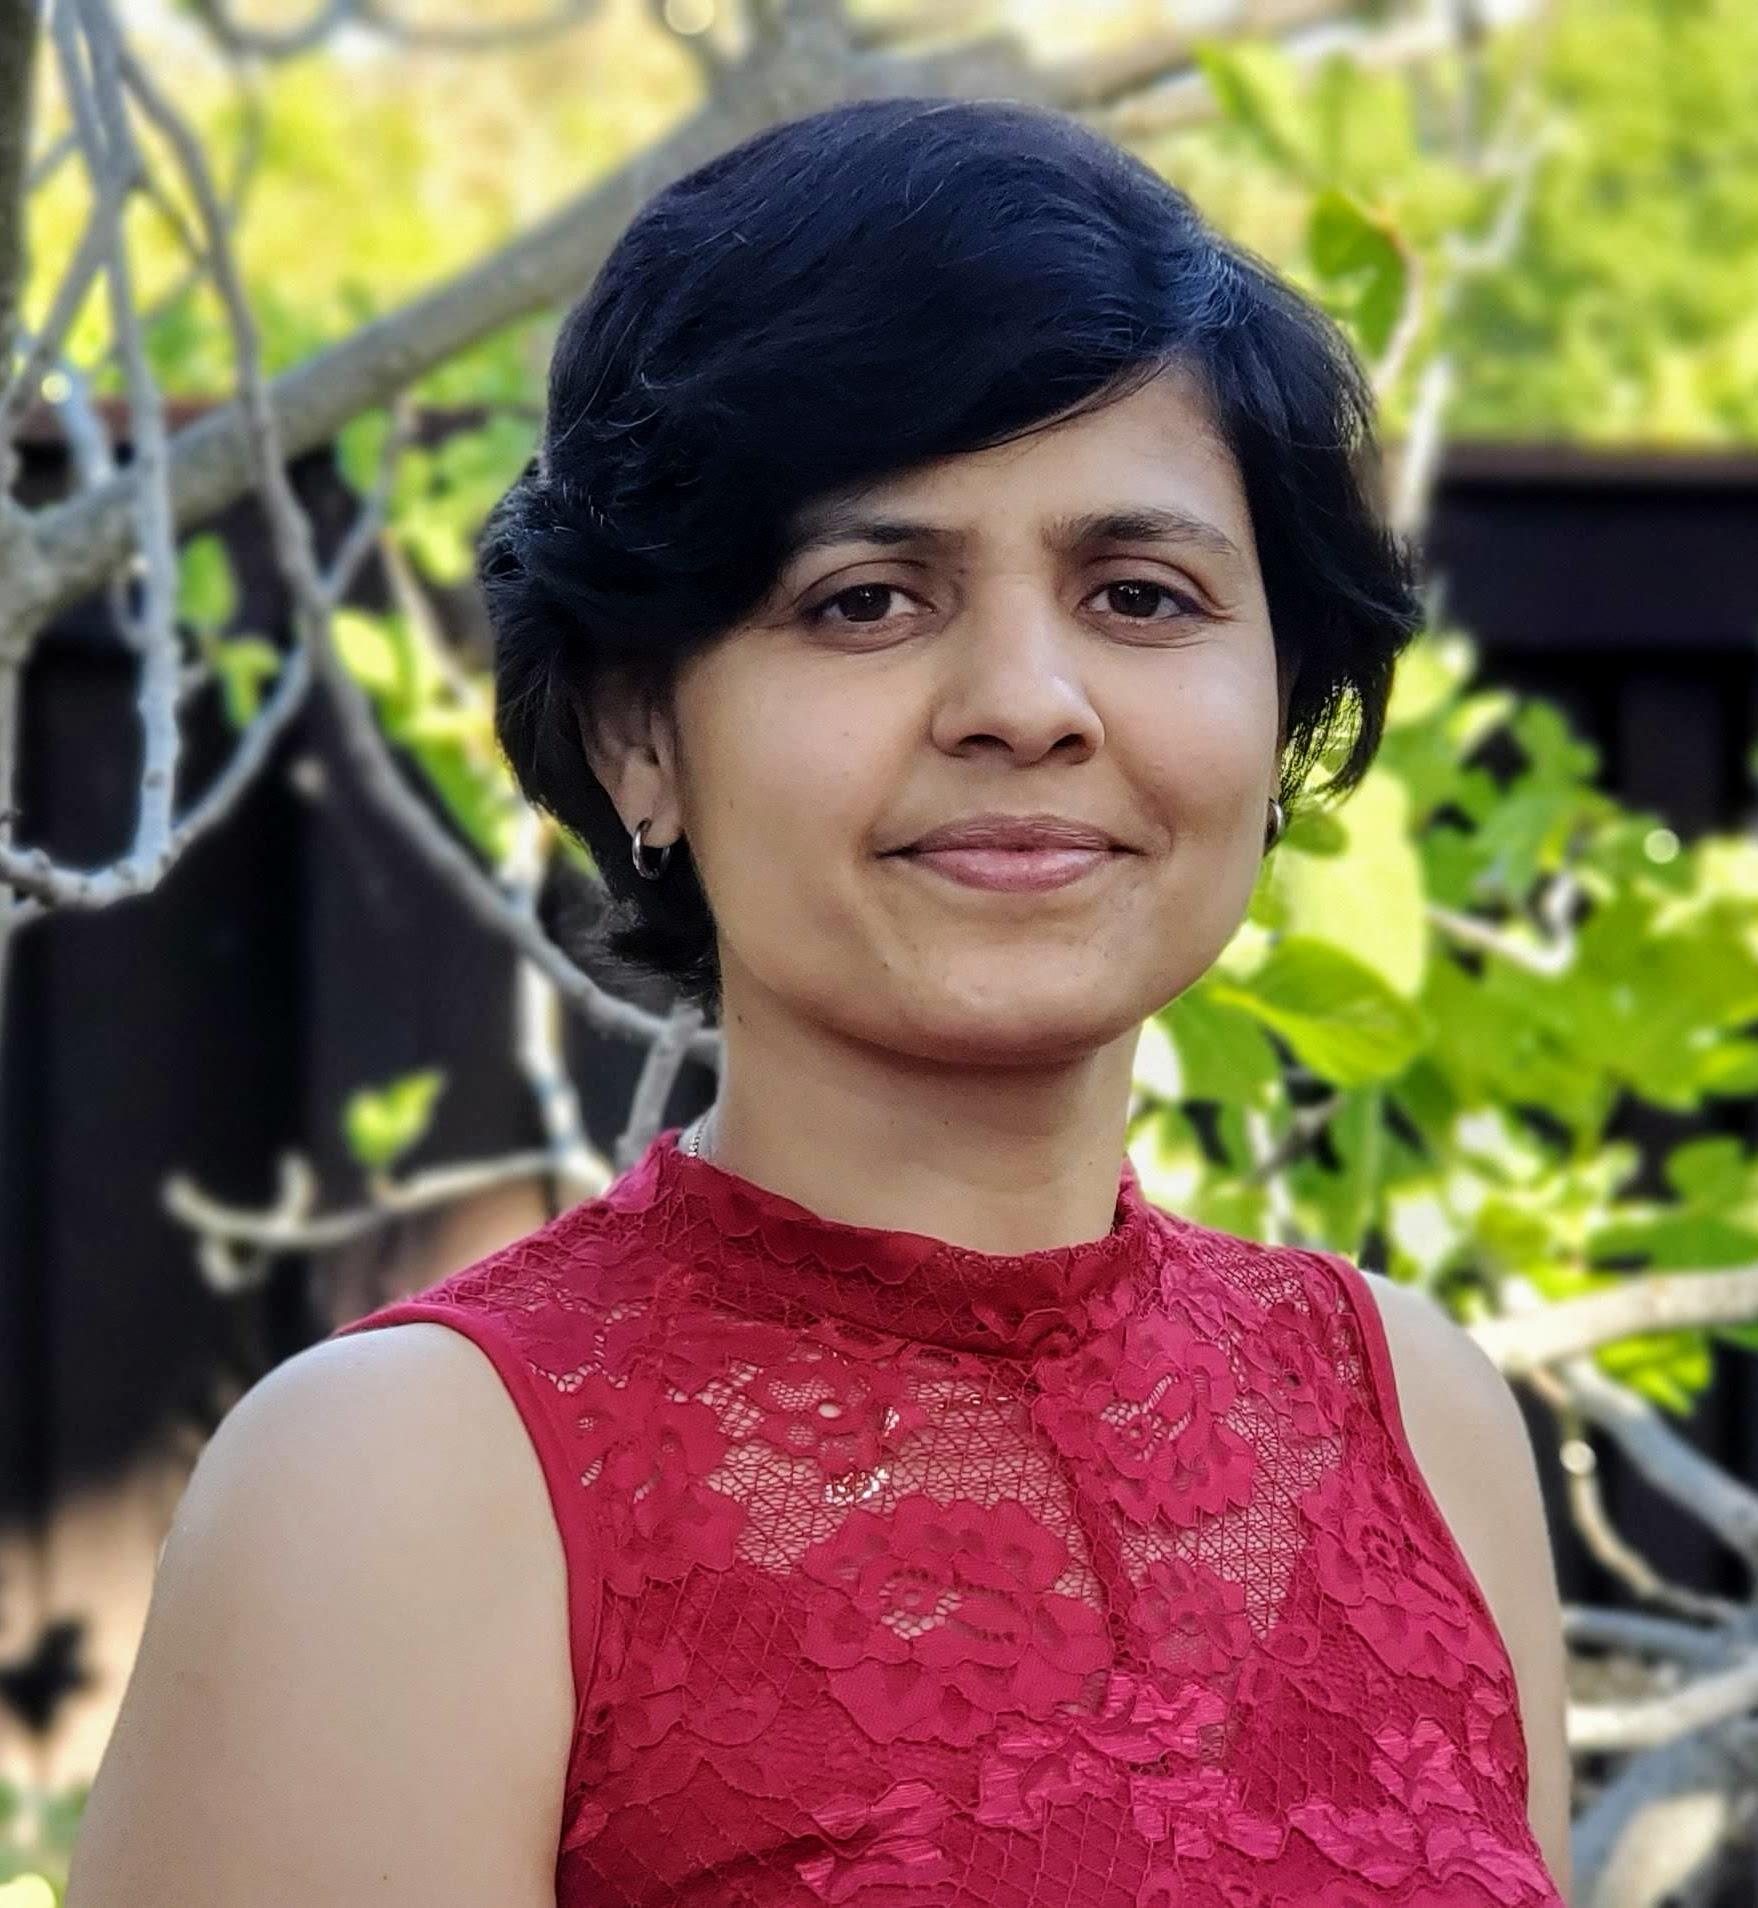 Shubhada-IIT-Startups-Mentor